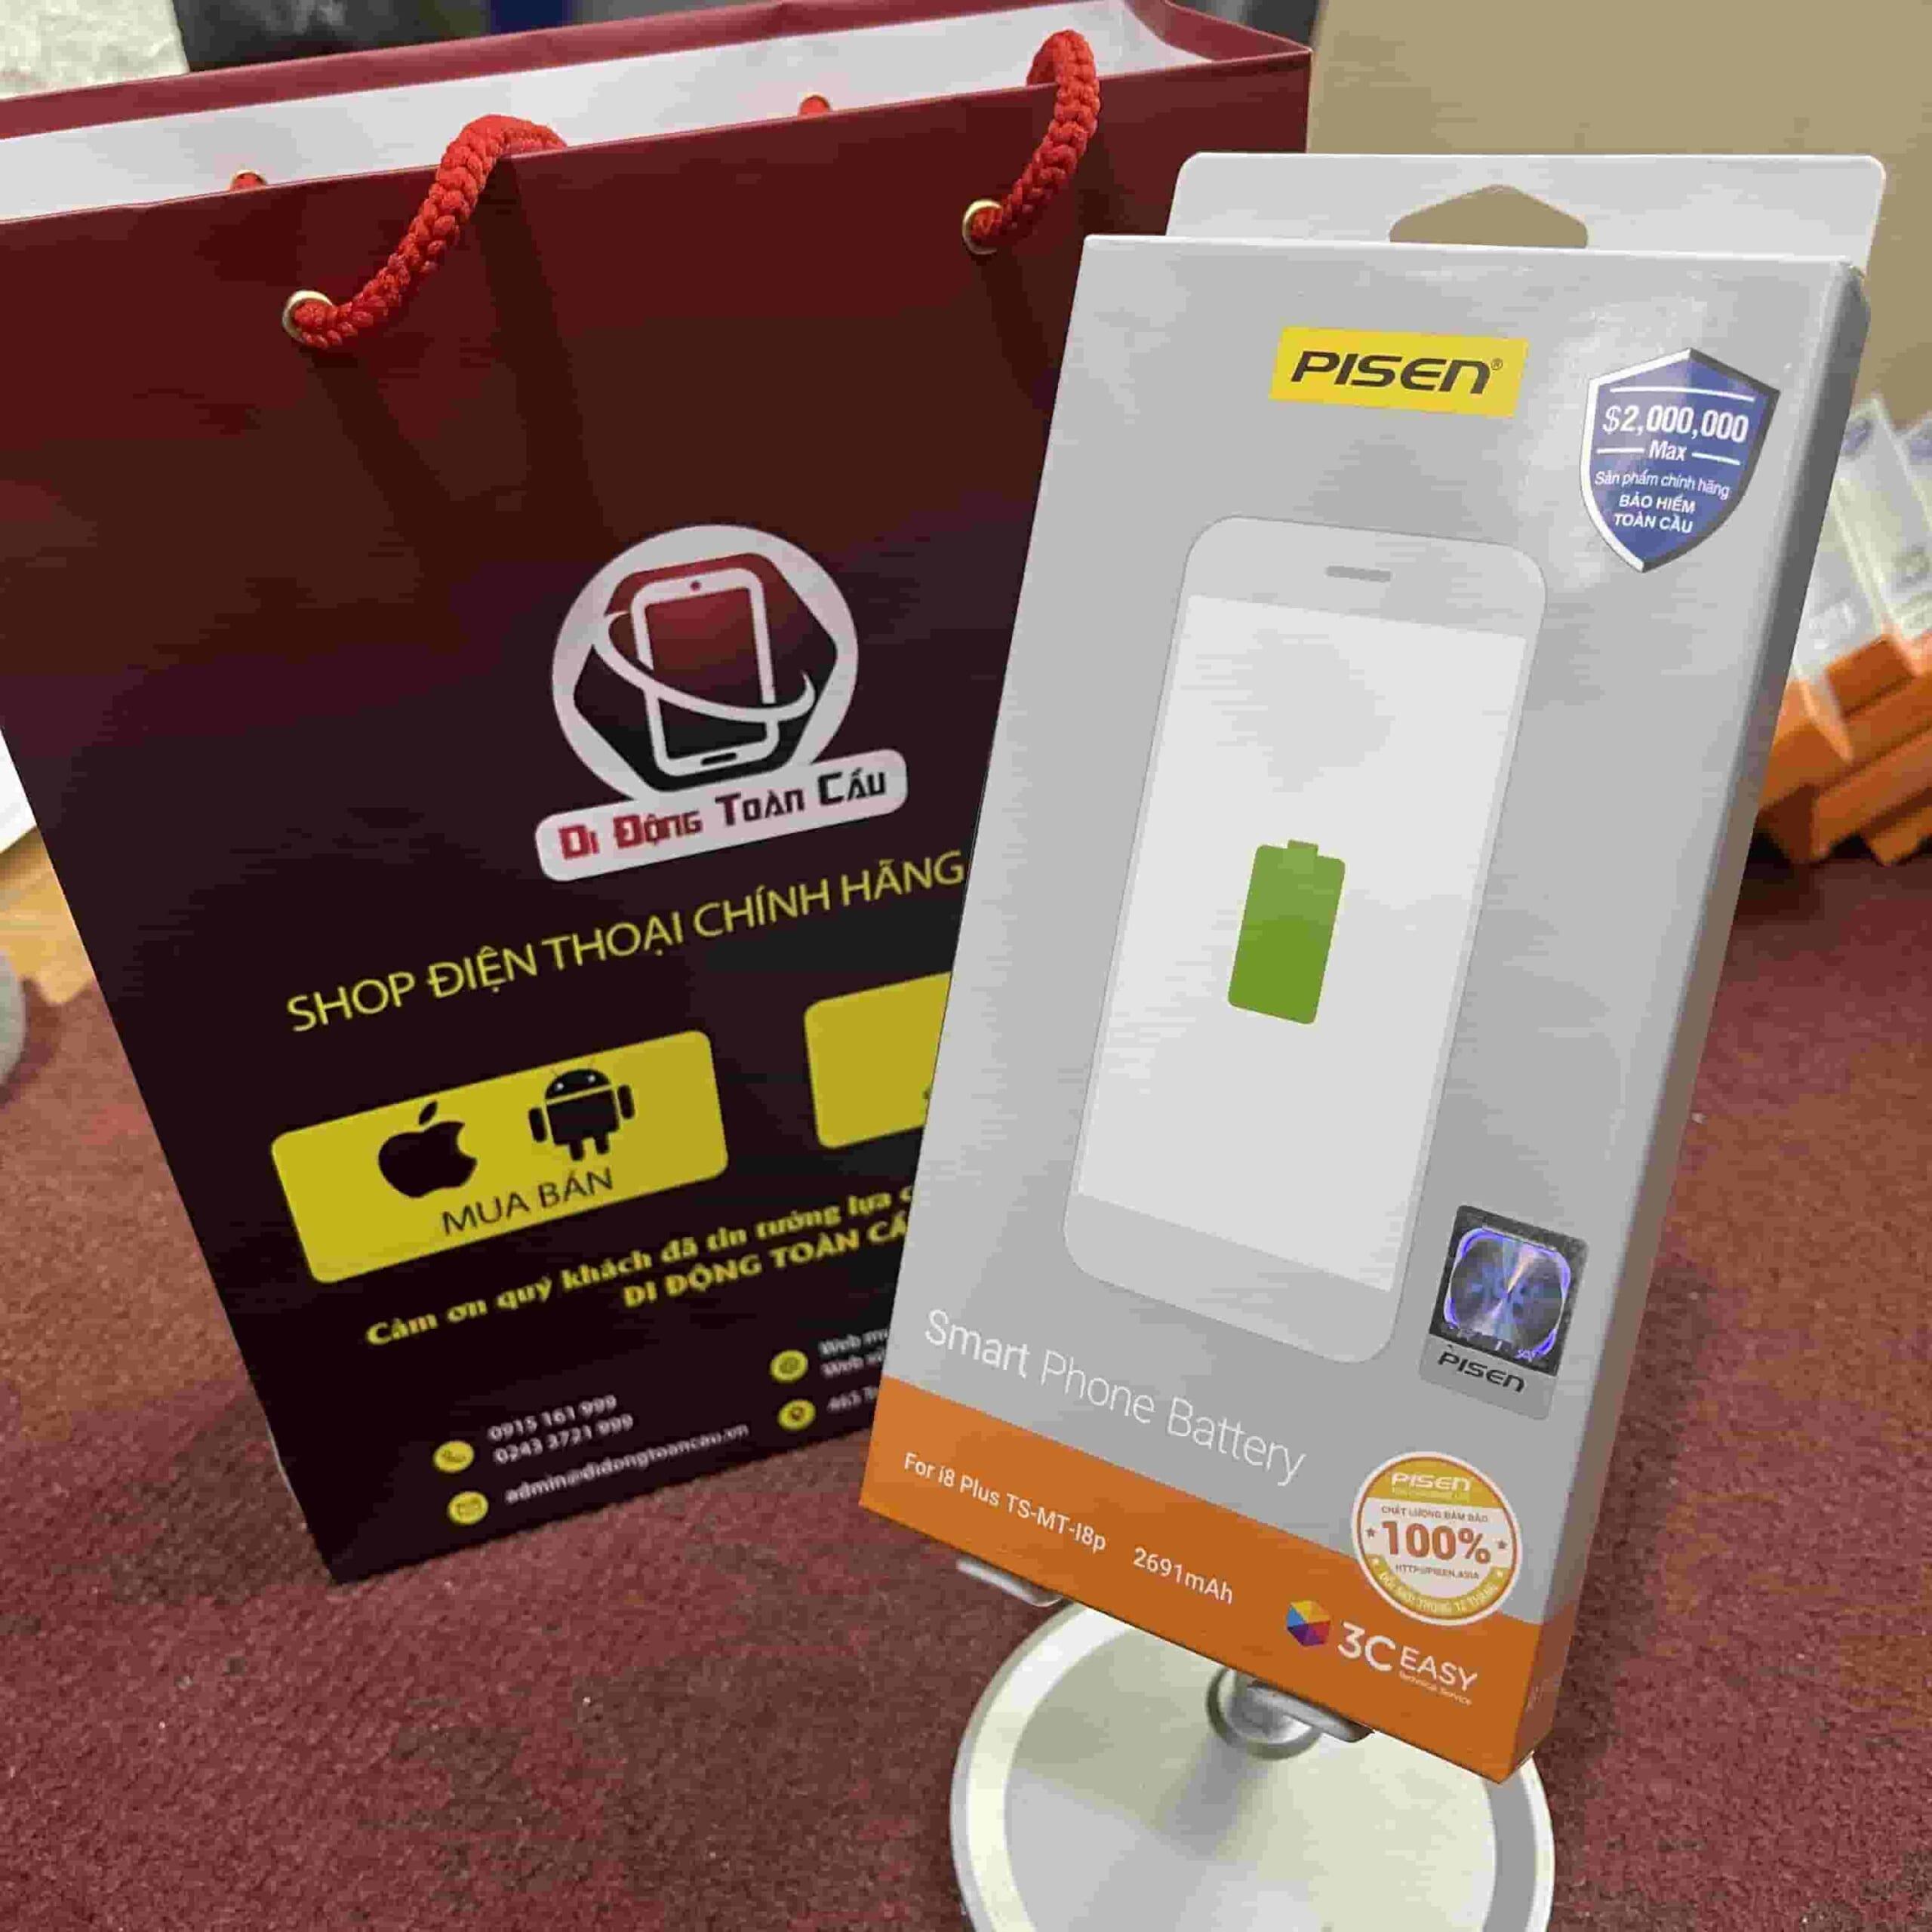 Thay pin Pisen iPhone 8 Plus dung lượng chuẩn